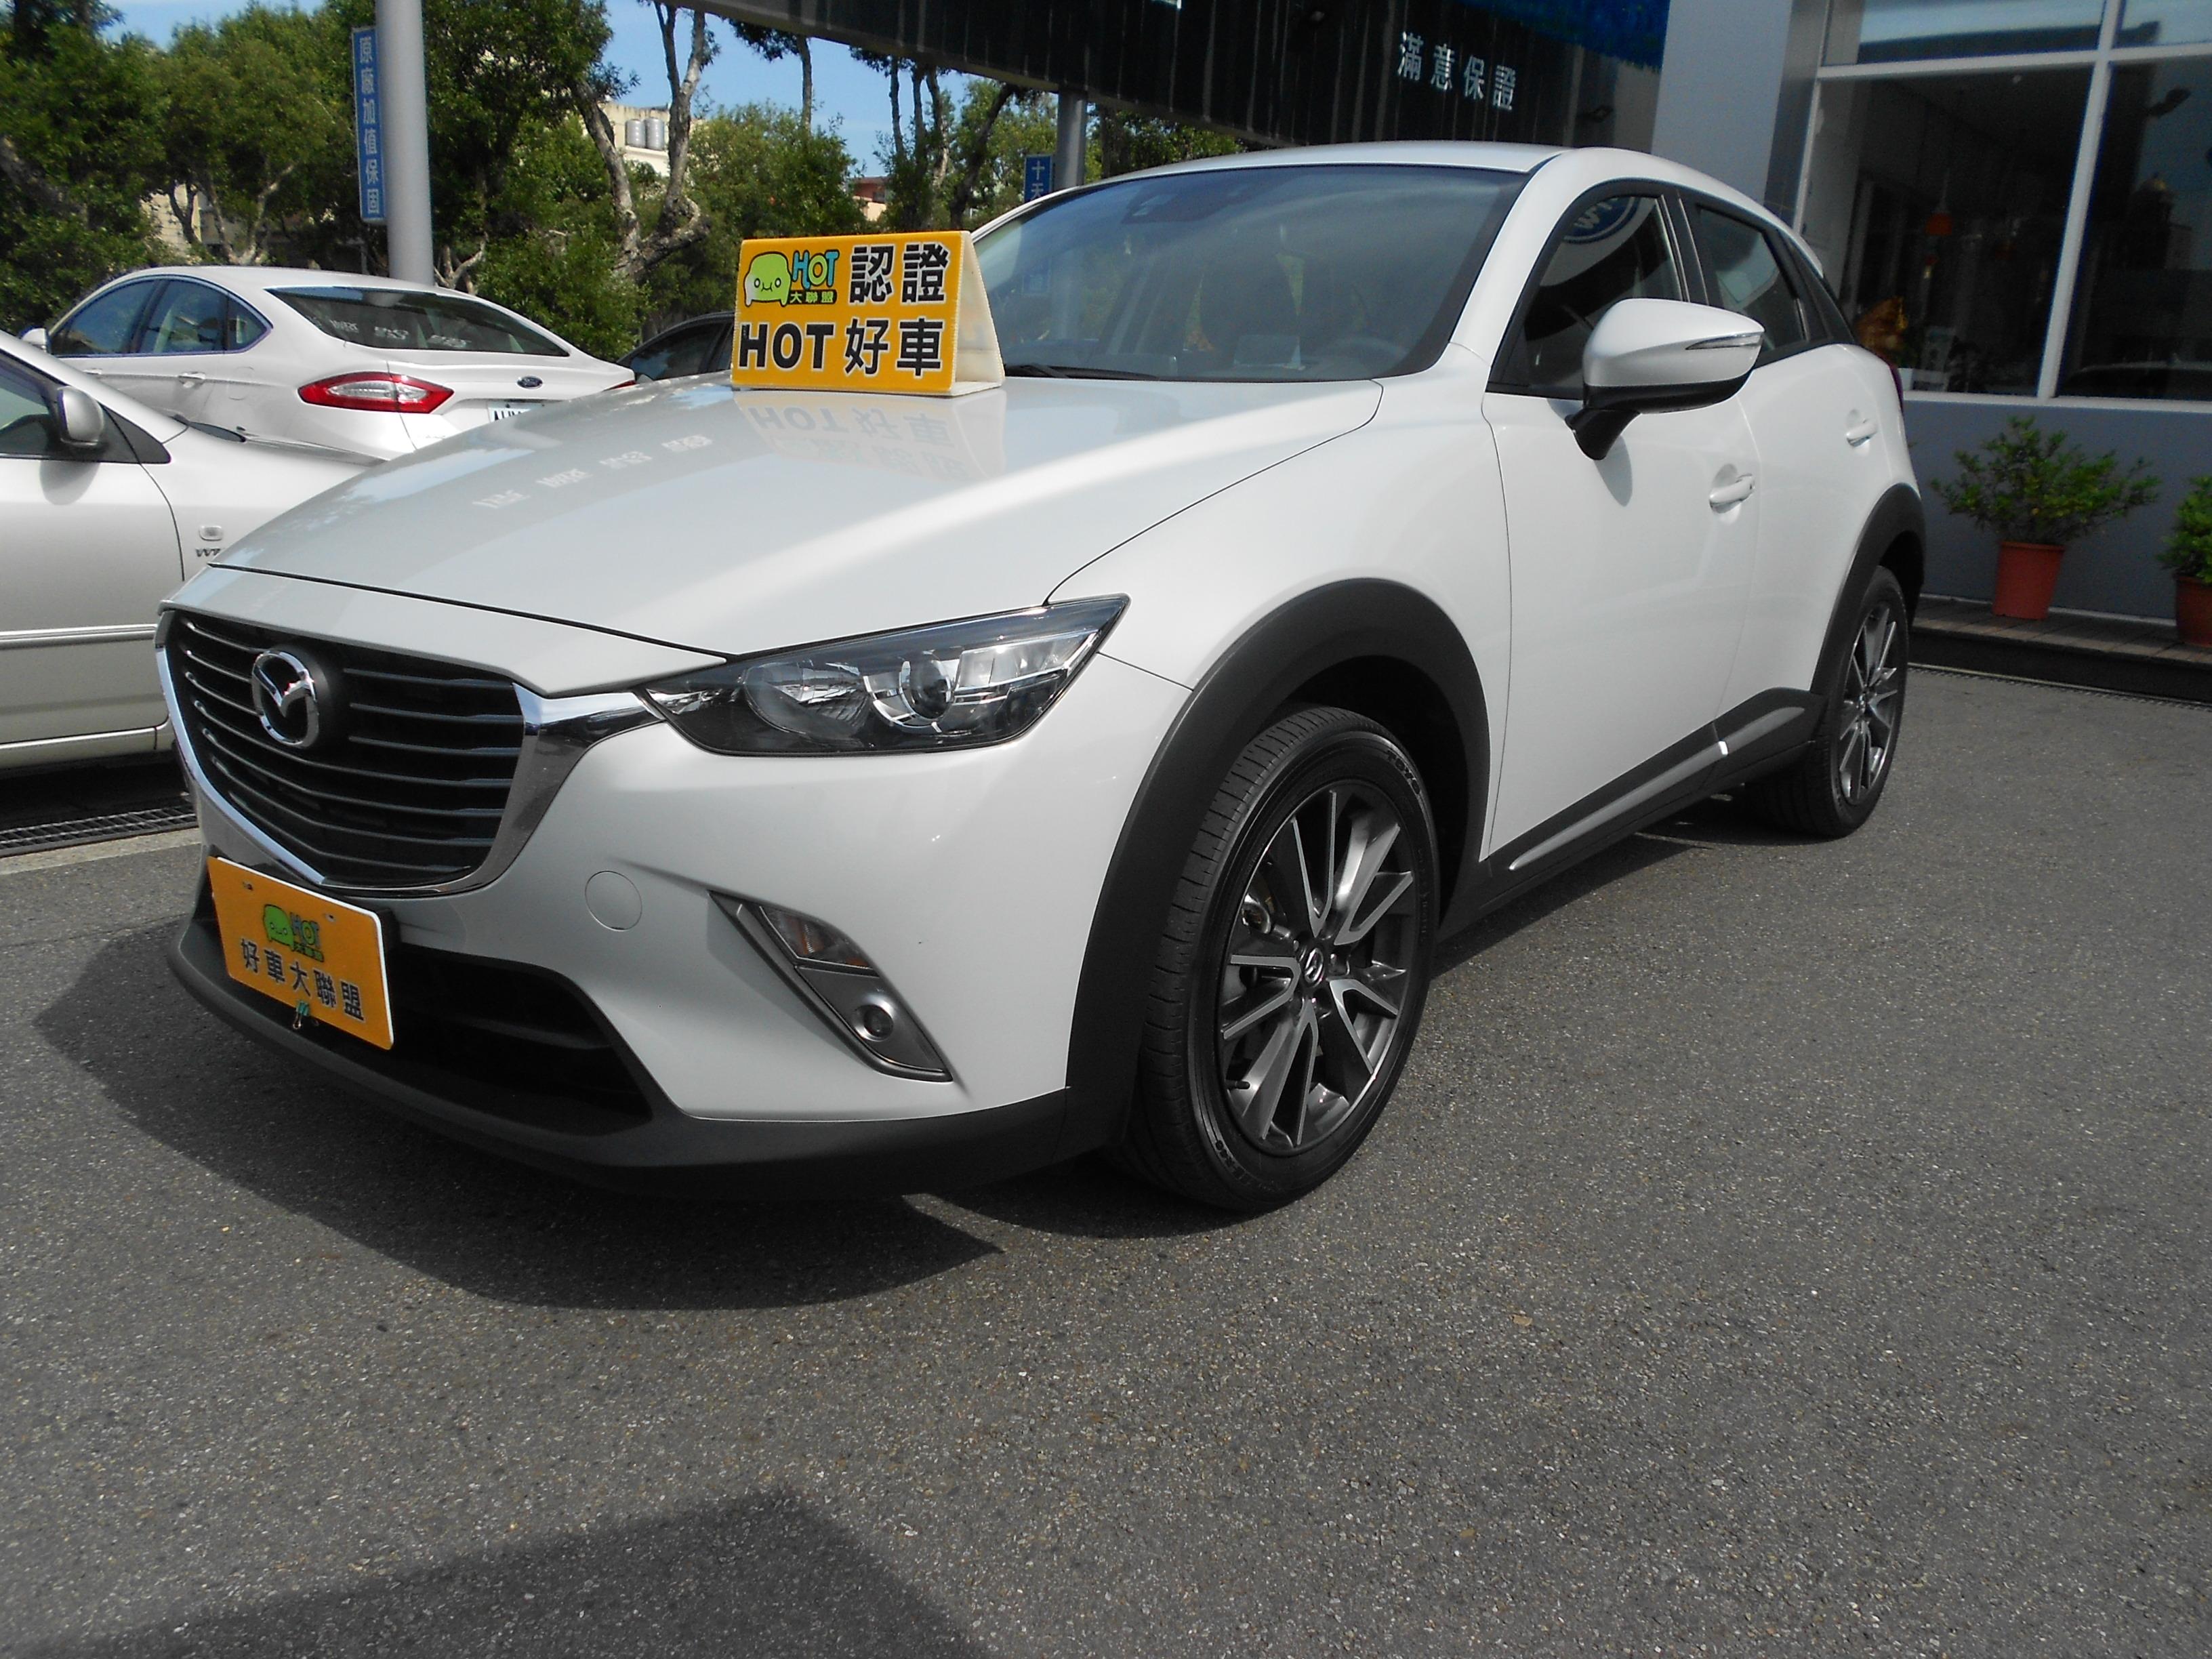 2017 Mazda 馬自達 Cx-3